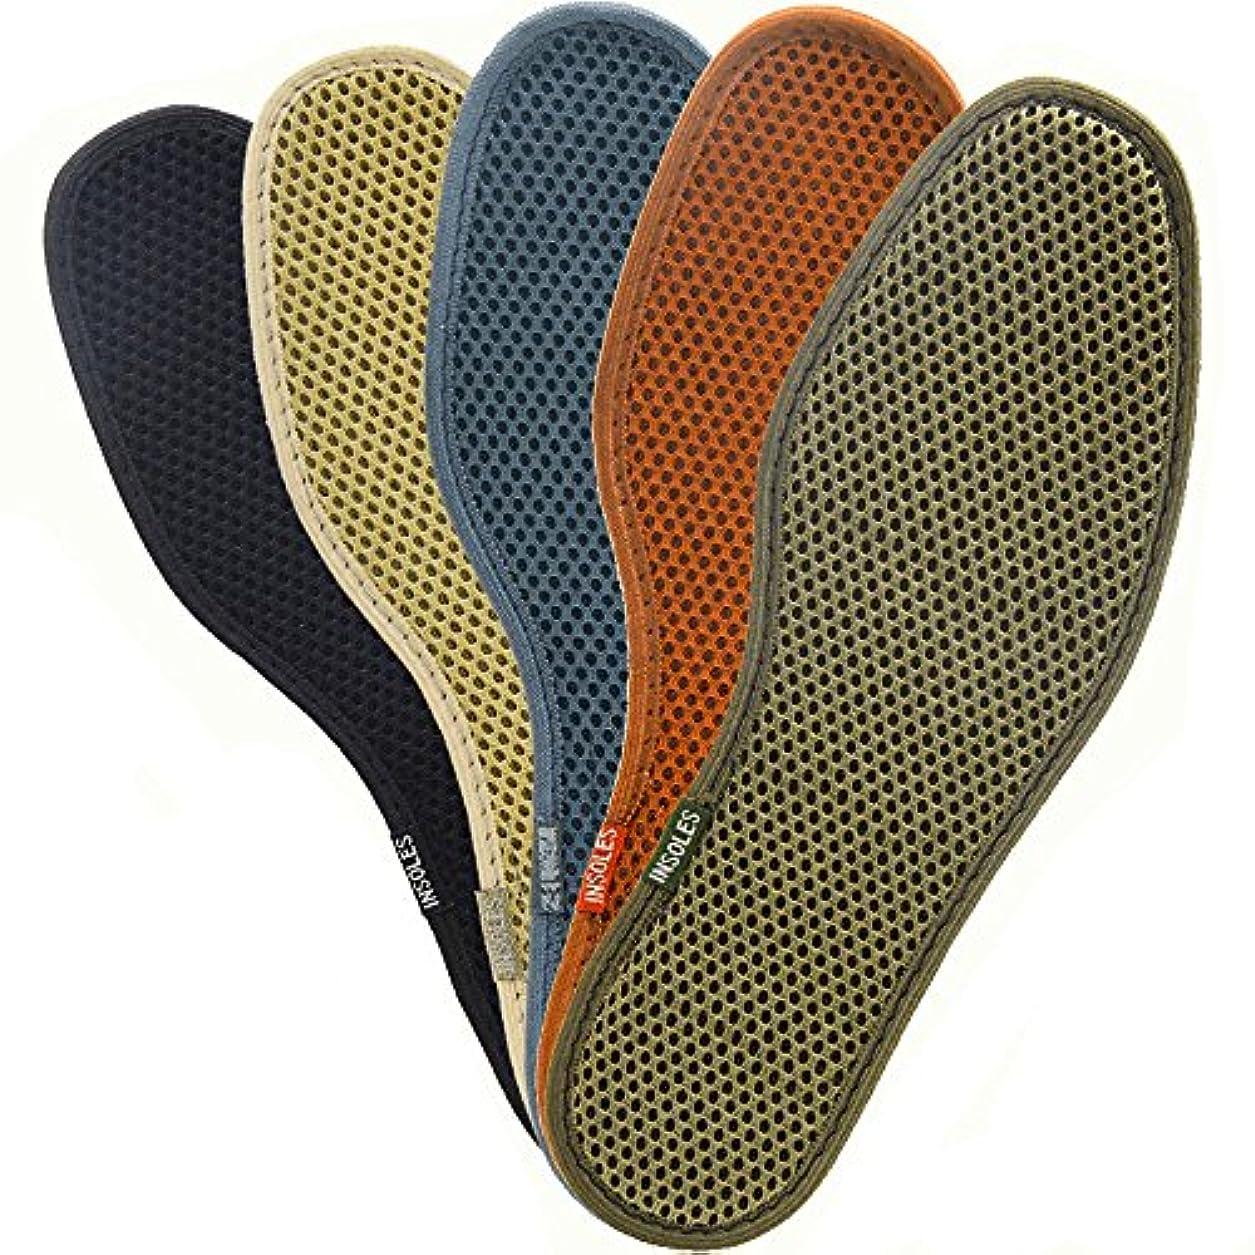 突き出すカート適切な[NANAMI] 5PCS消臭マッサージゲルインソール 吸汗ダンパー靴の中敷き